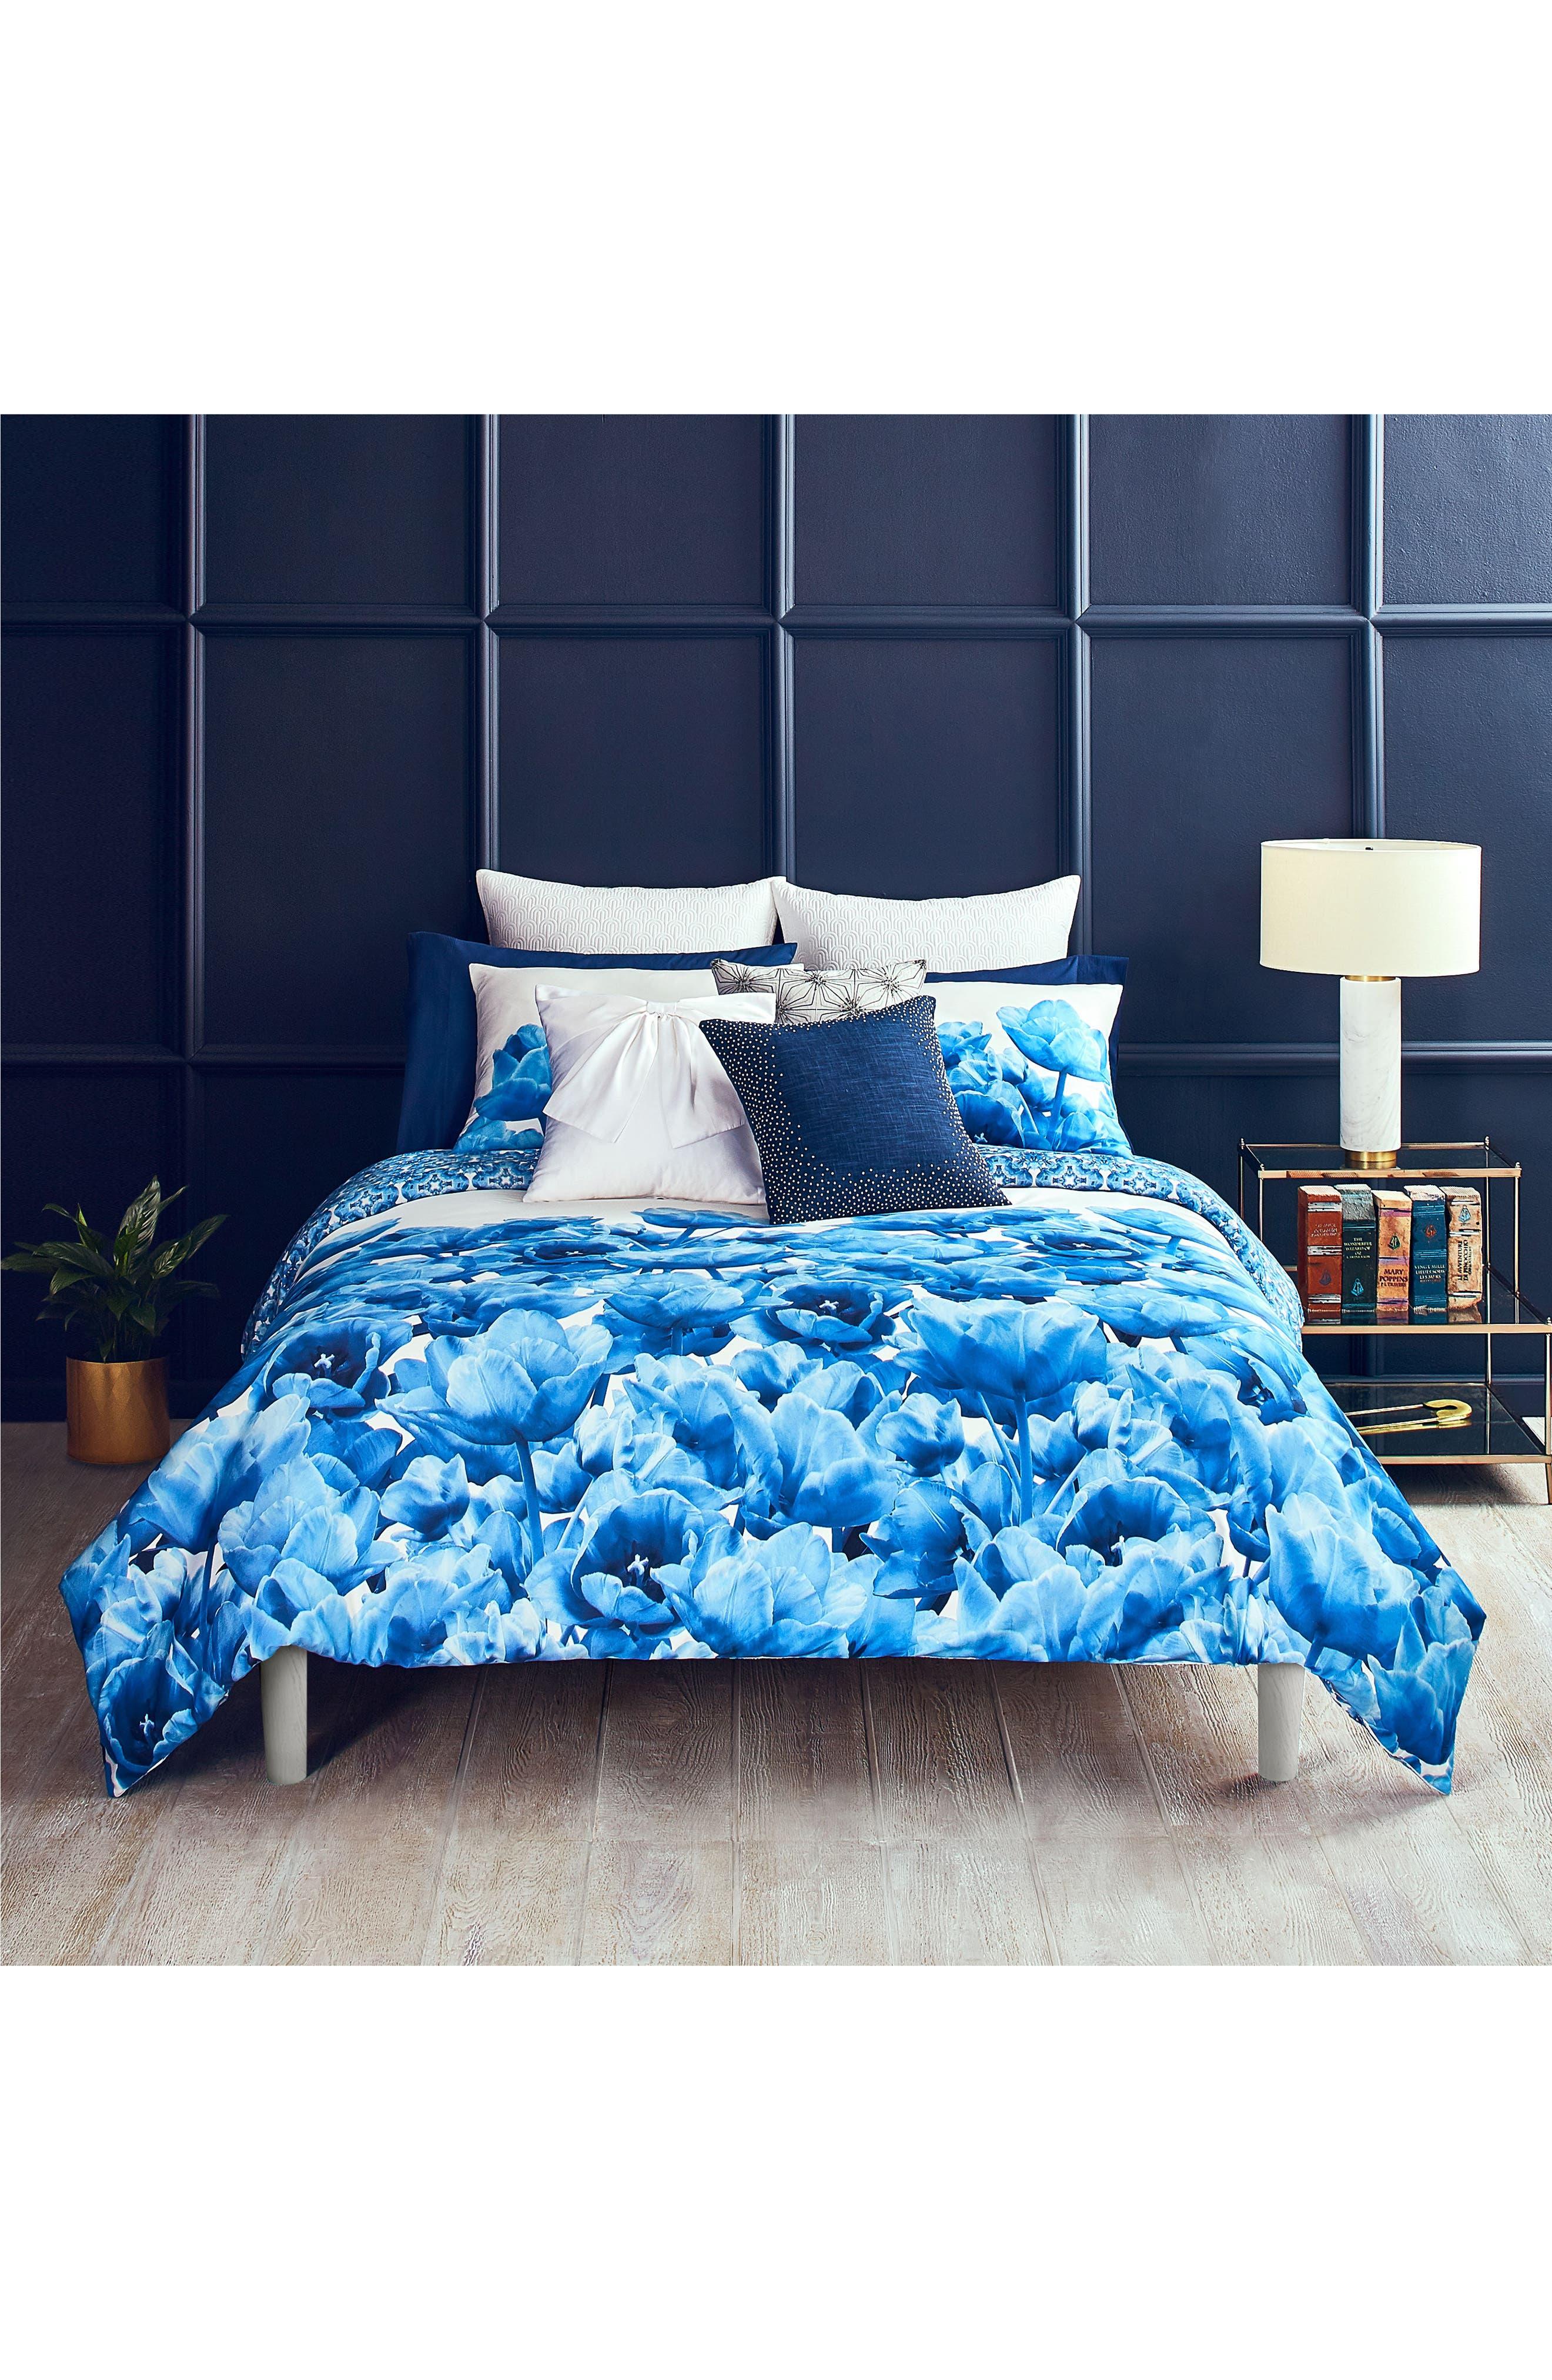 Blue Beauty Comforter & Sham Set,                             Main thumbnail 1, color,                             400